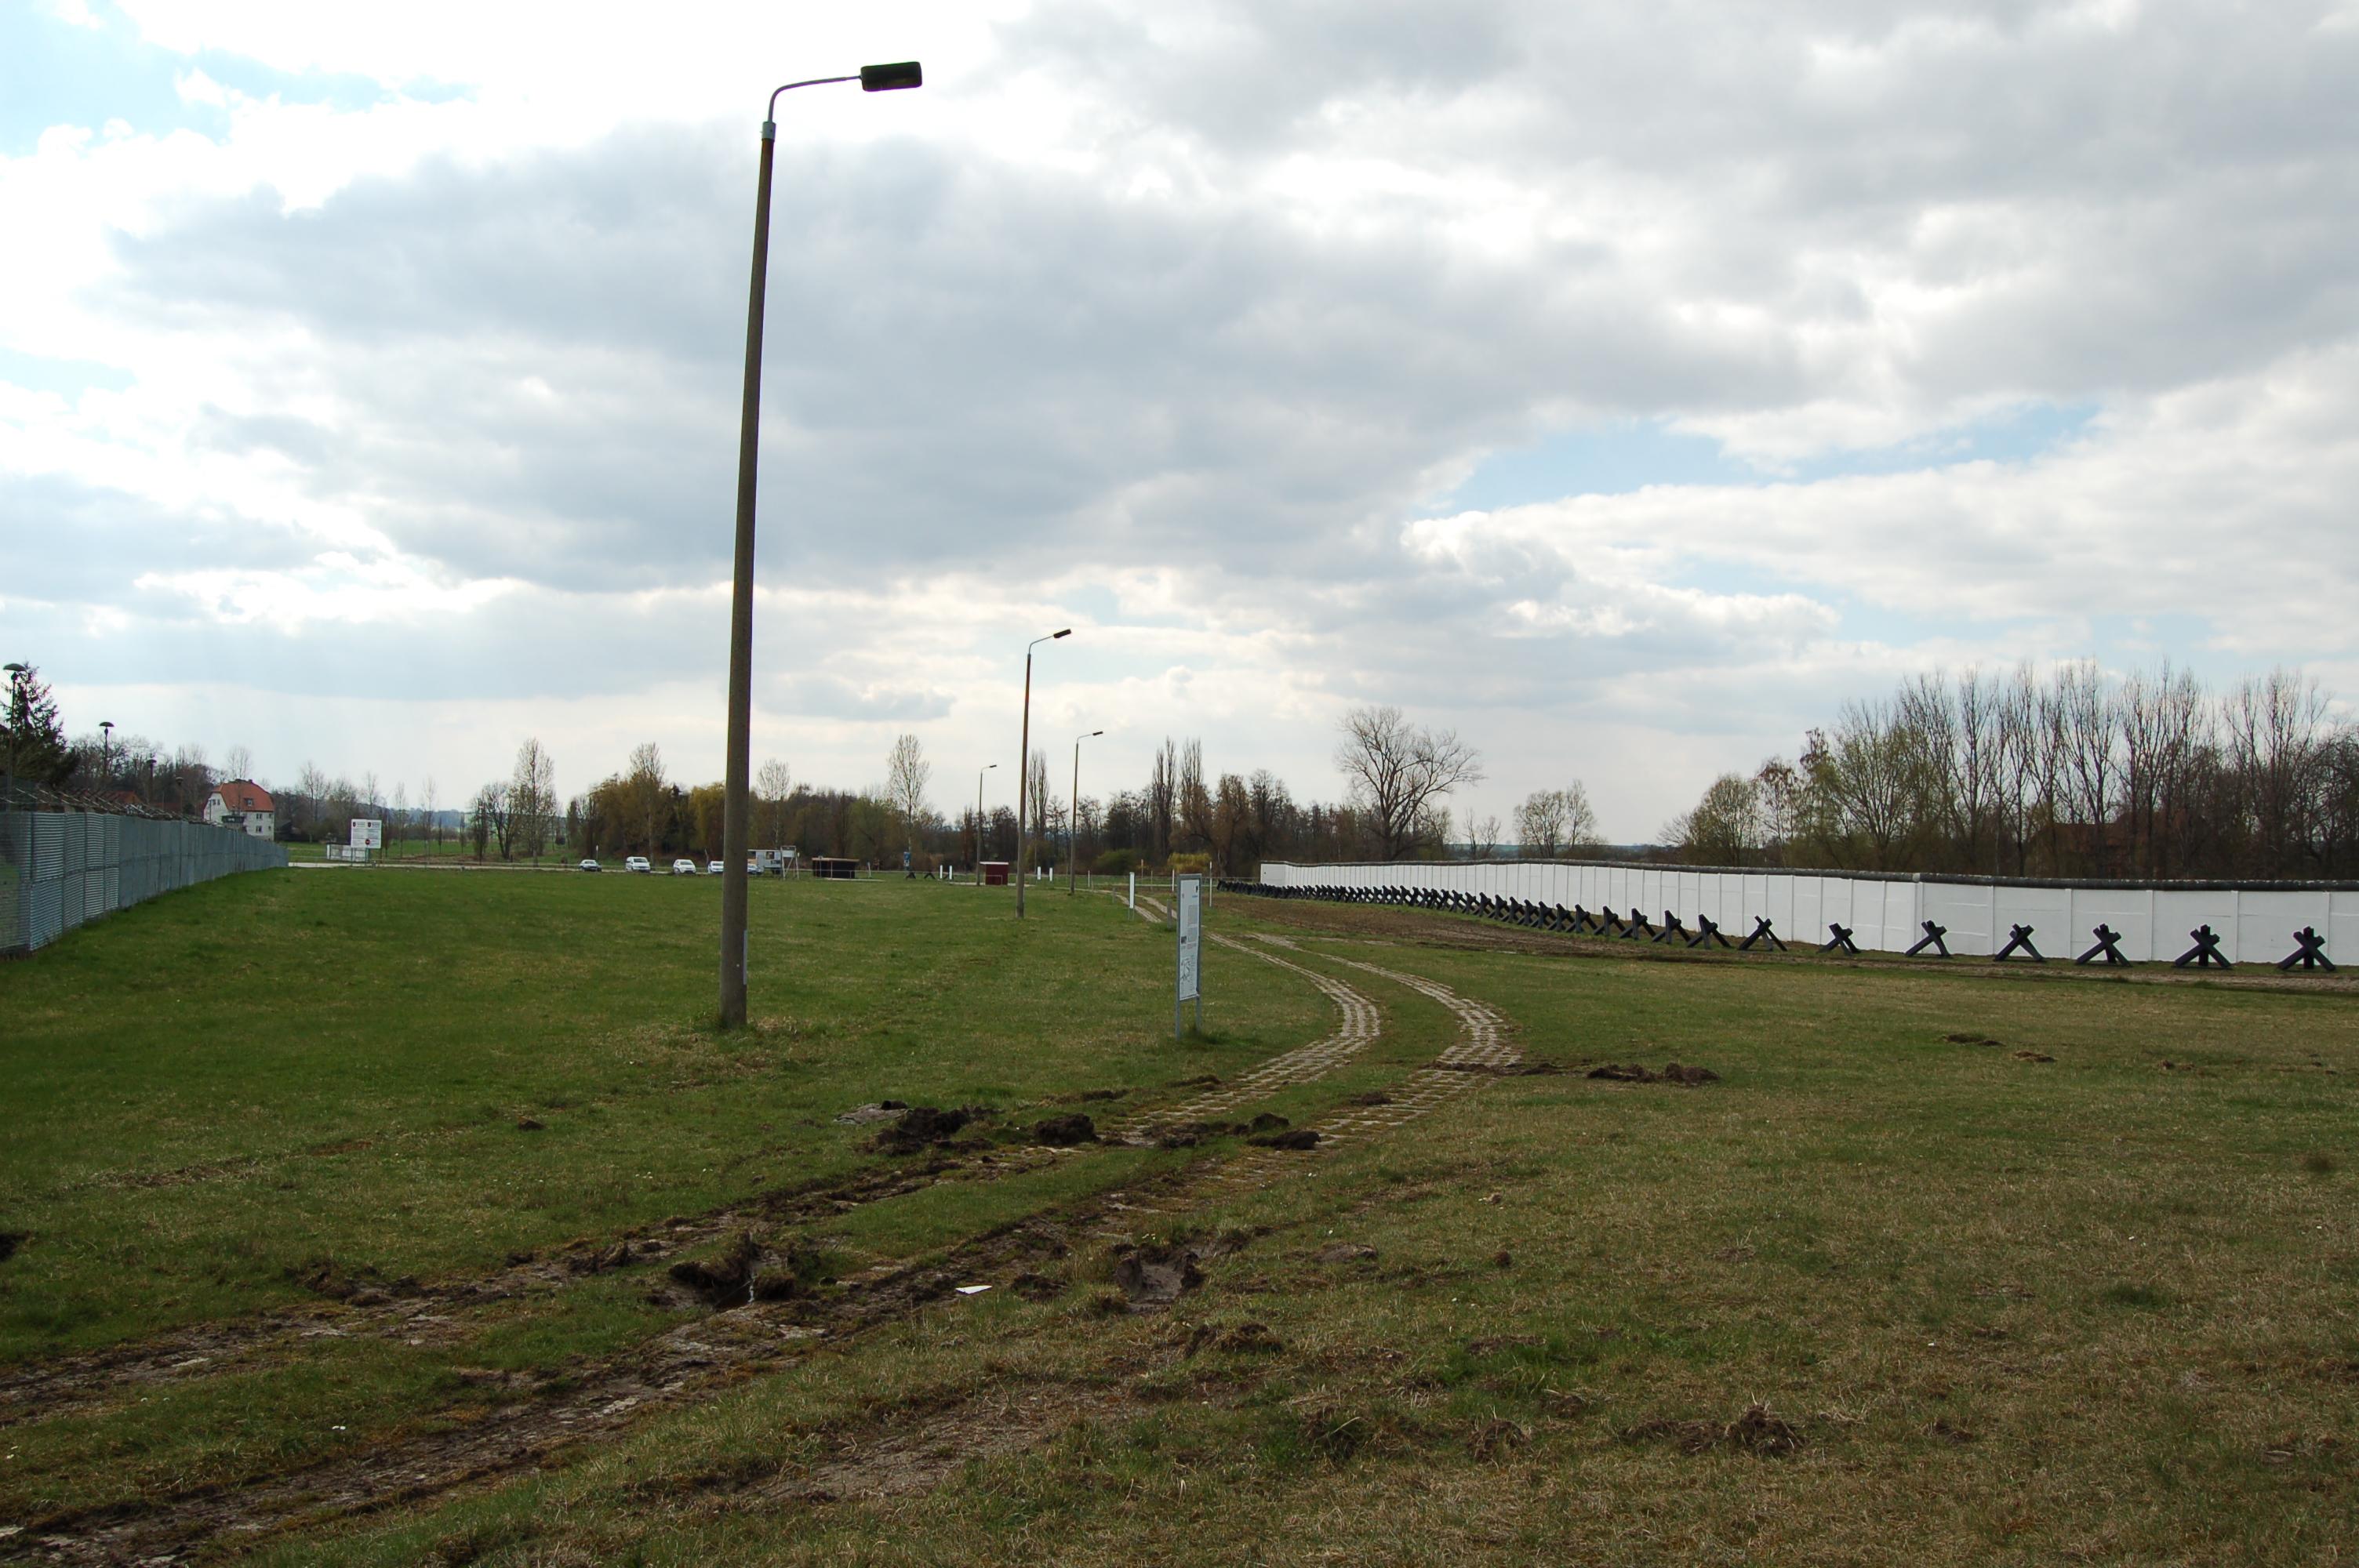 Ausgezeichnet Stacheldraht Grenze Bilder - Elektrische Schaltplan ...